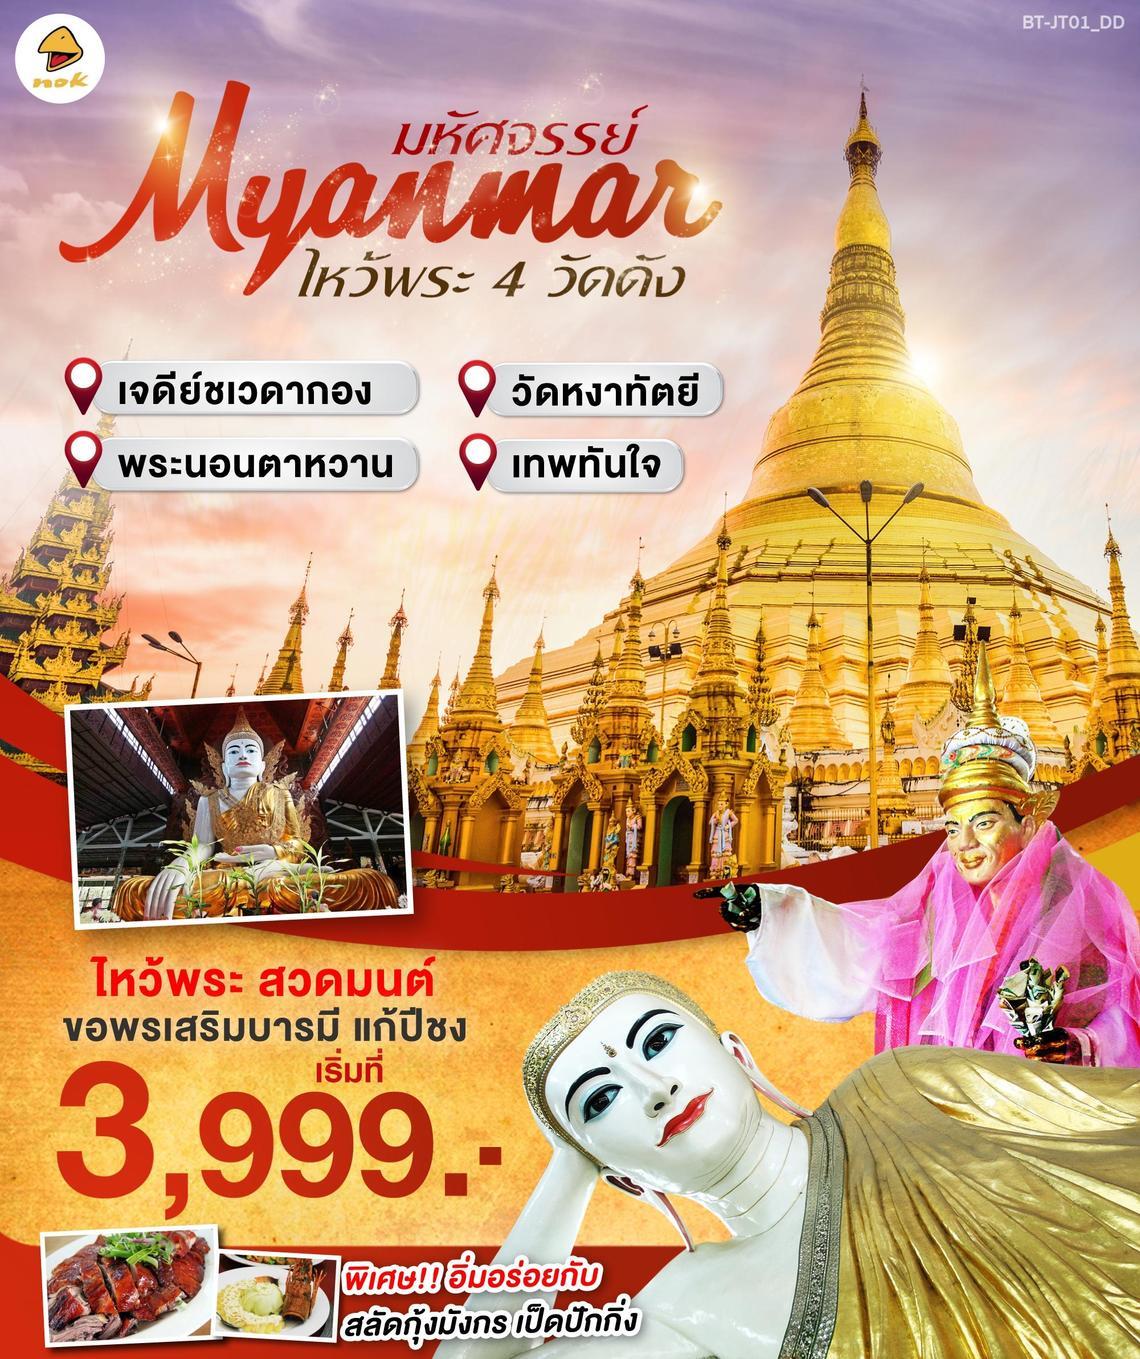 ทัวร์พม่า มหัศจรรย์ พม่า ไหว้พระ 4 วัดดัง 1 วัน (DD)